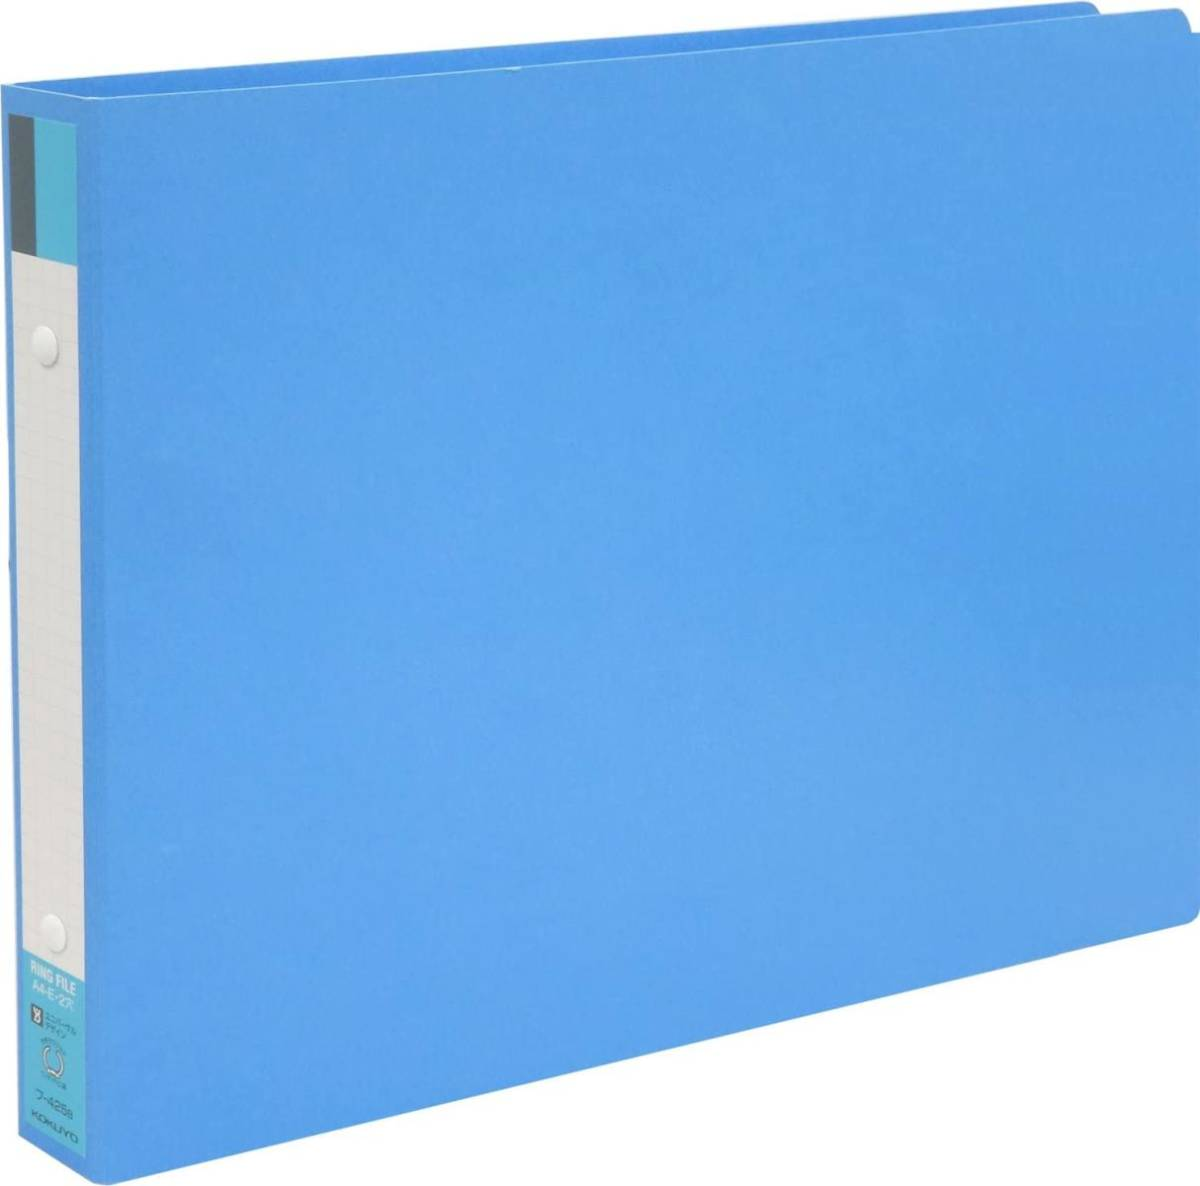 【未使用品】コクヨ ファイル リングファイルボード 表紙 A4 横 青 フ-425B×2冊セット_画像1